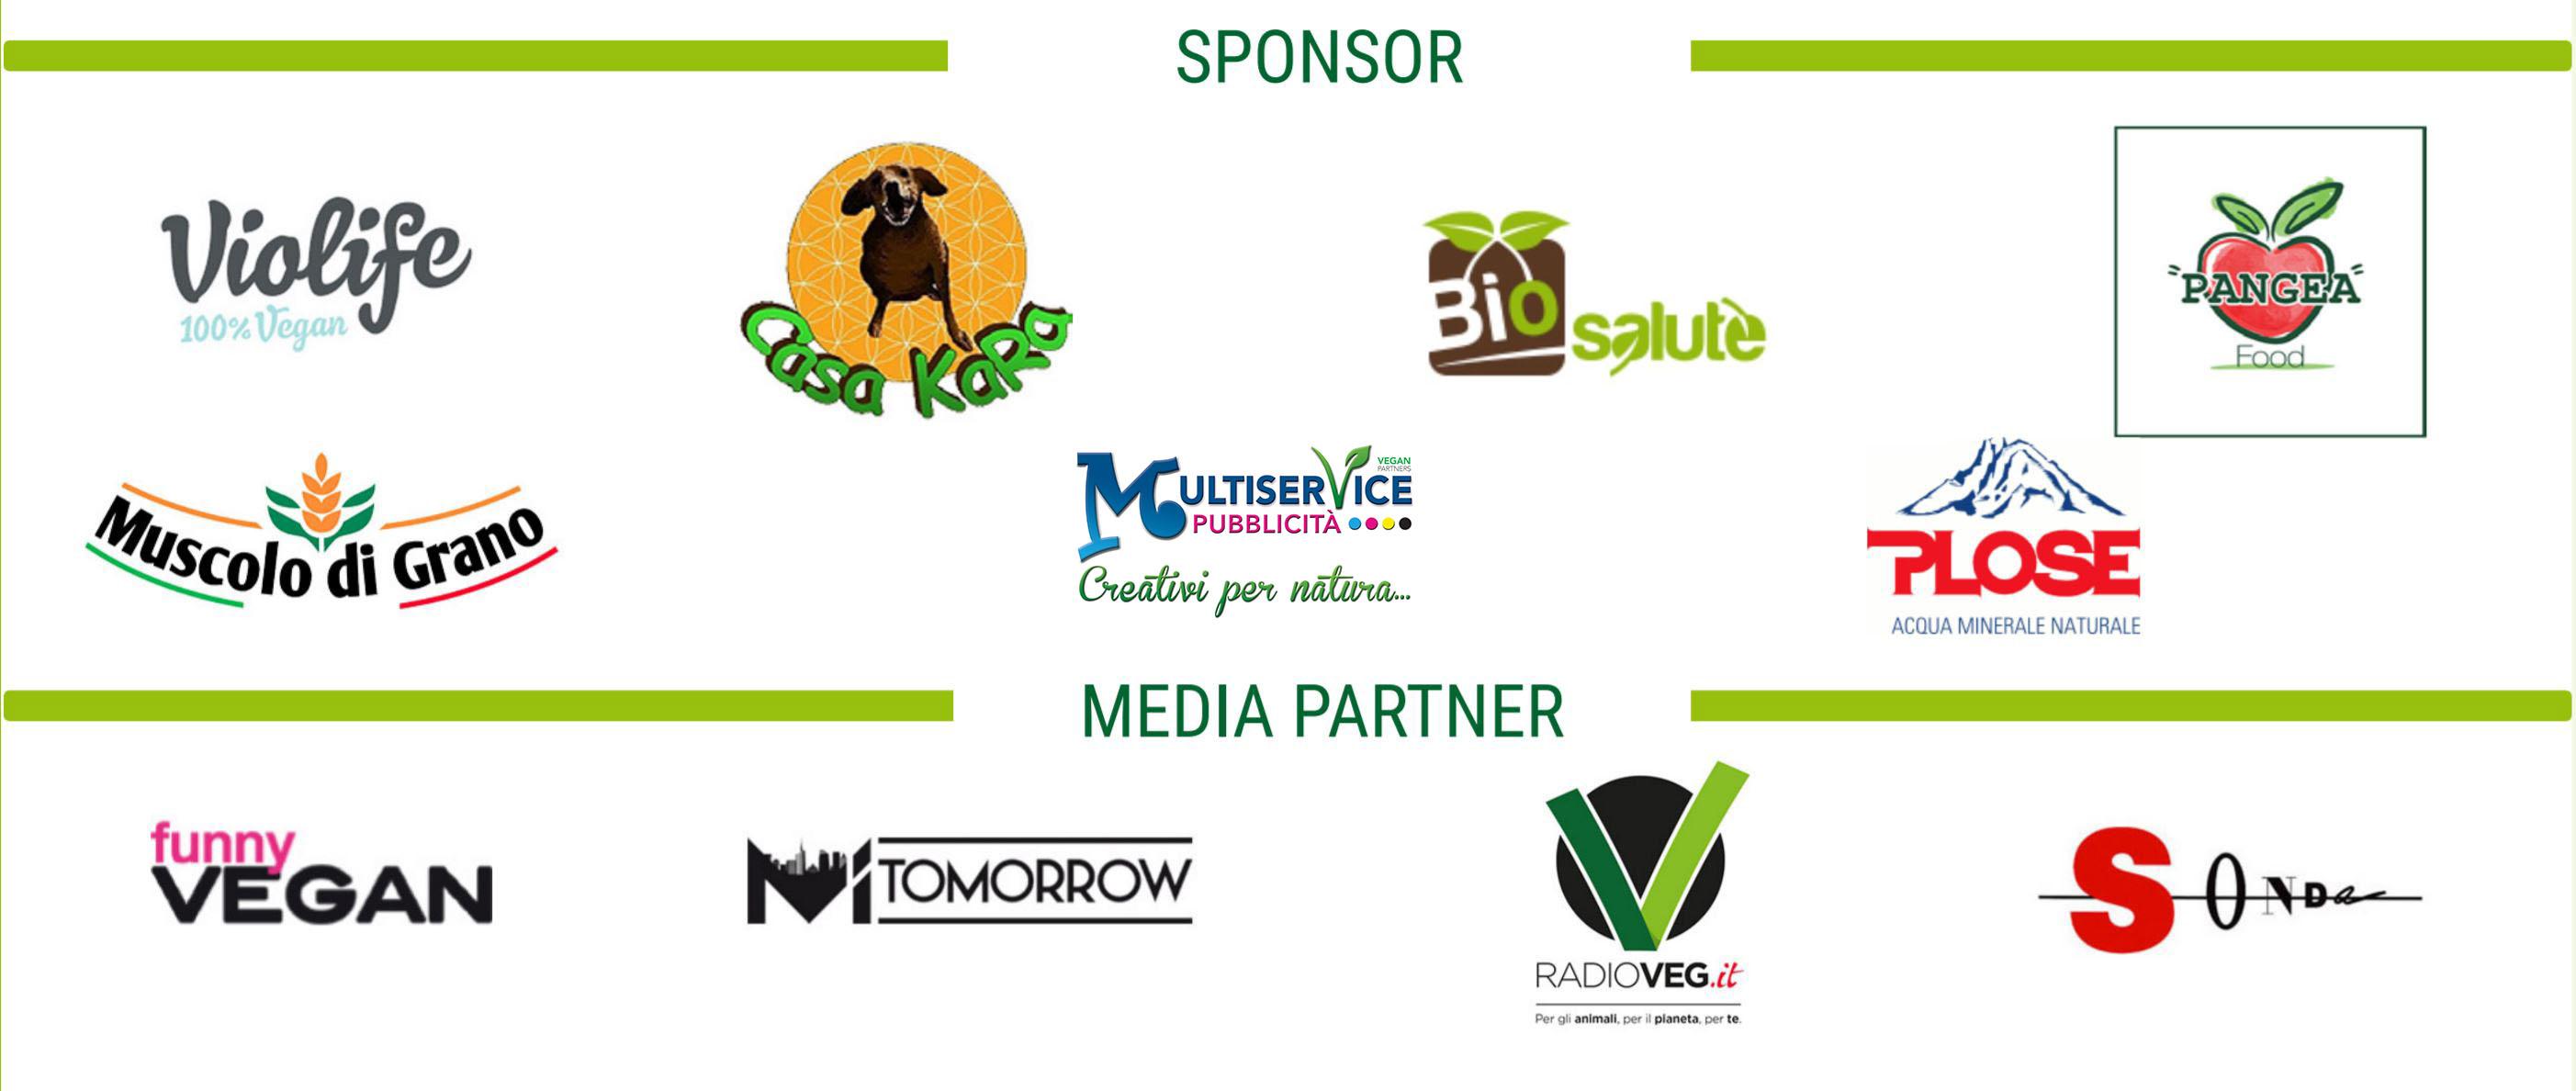 sponsor miveg 2019